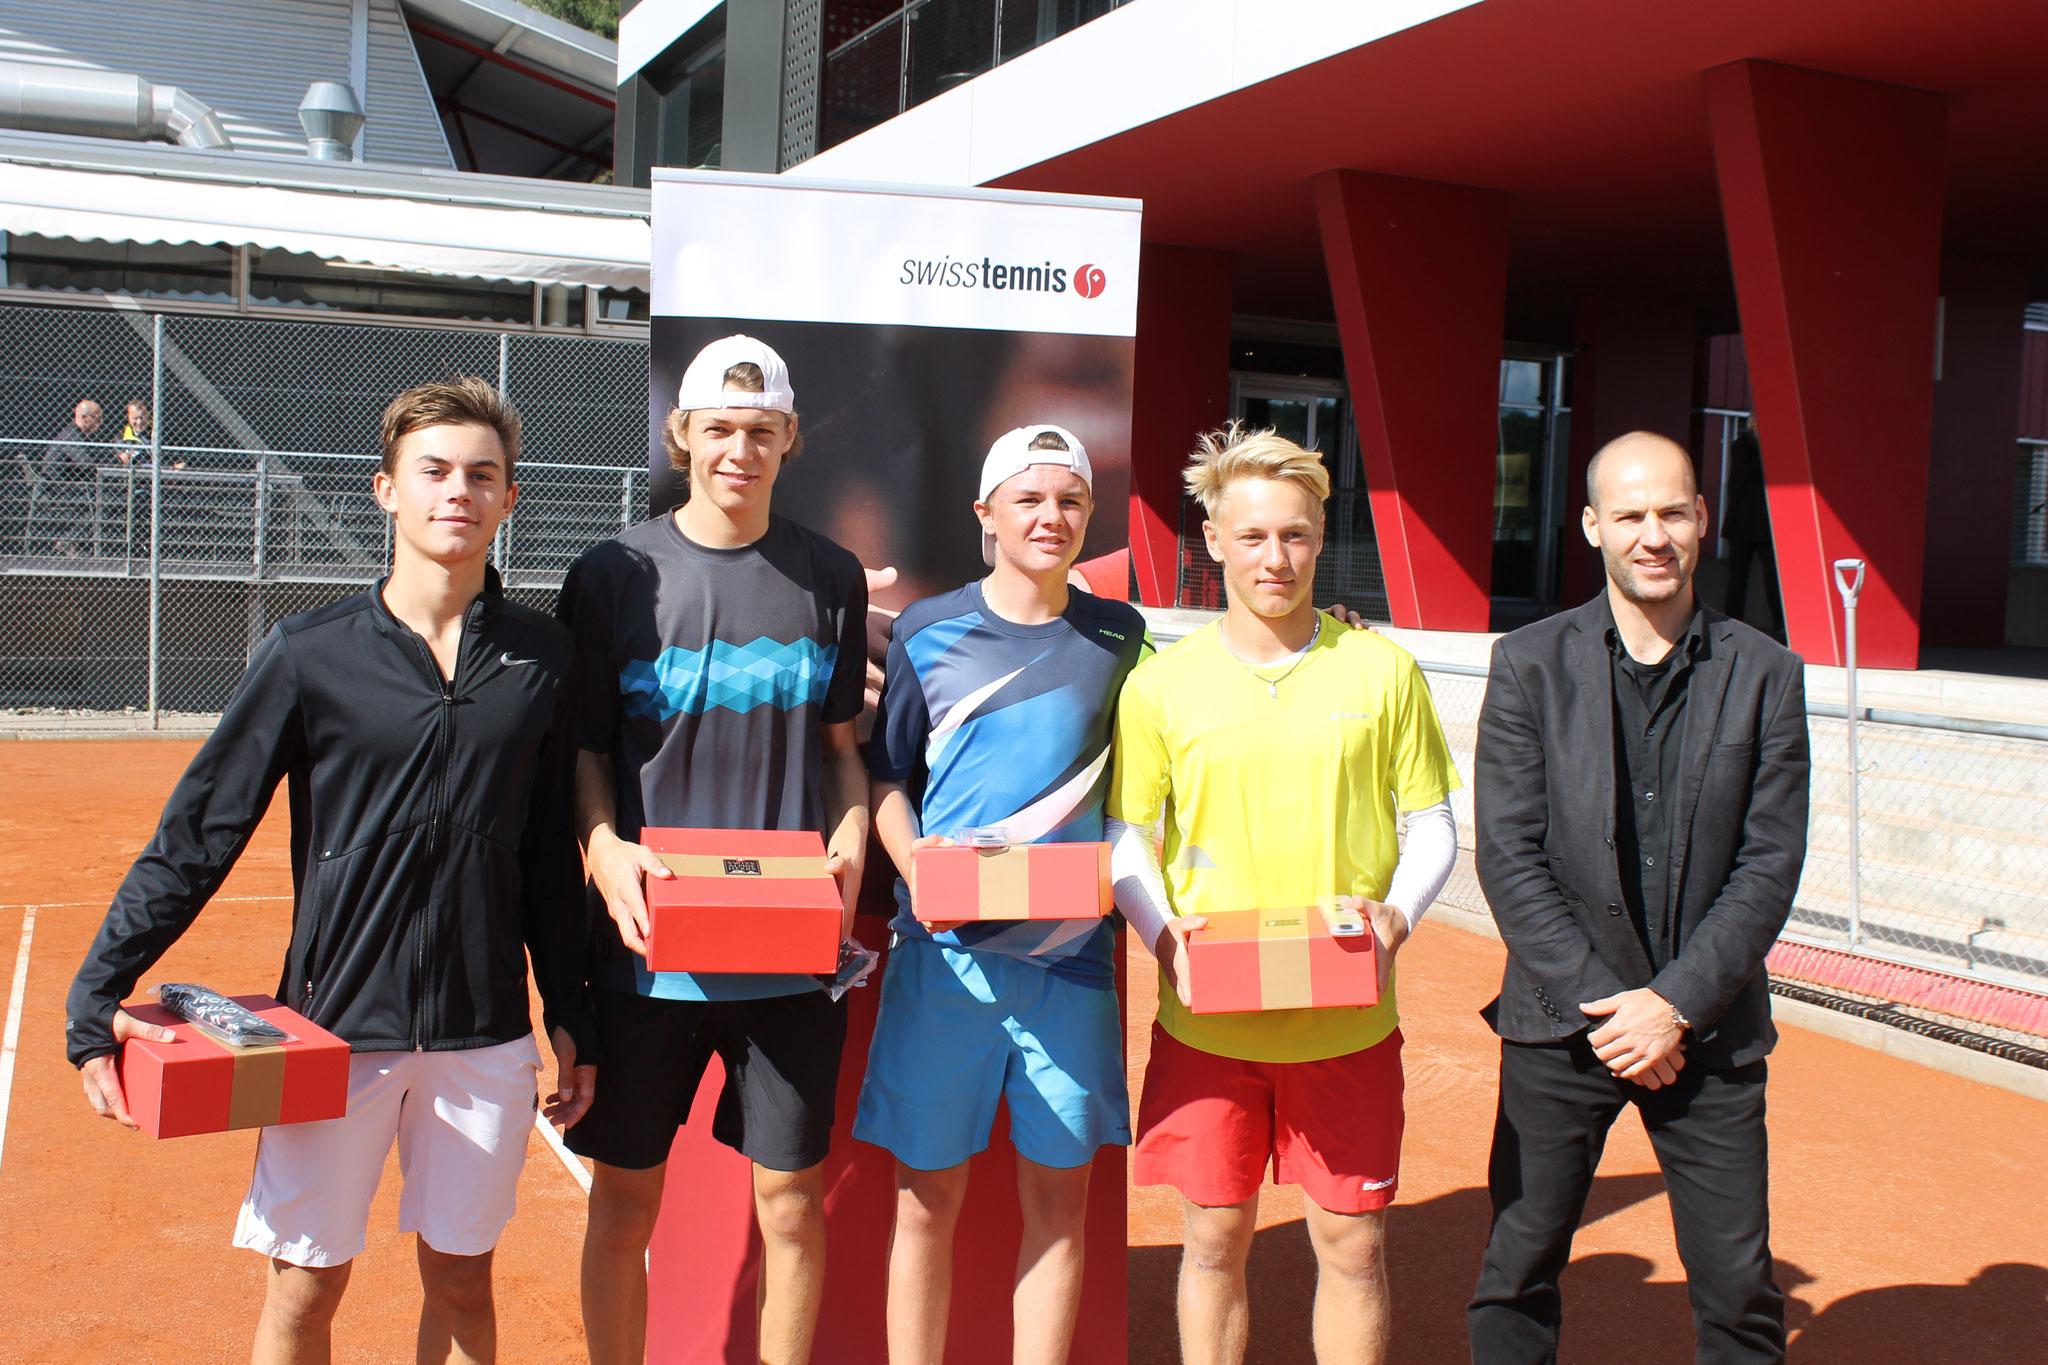 Finalgegner MD ITF Biel (beide standen im Einzelfinal)